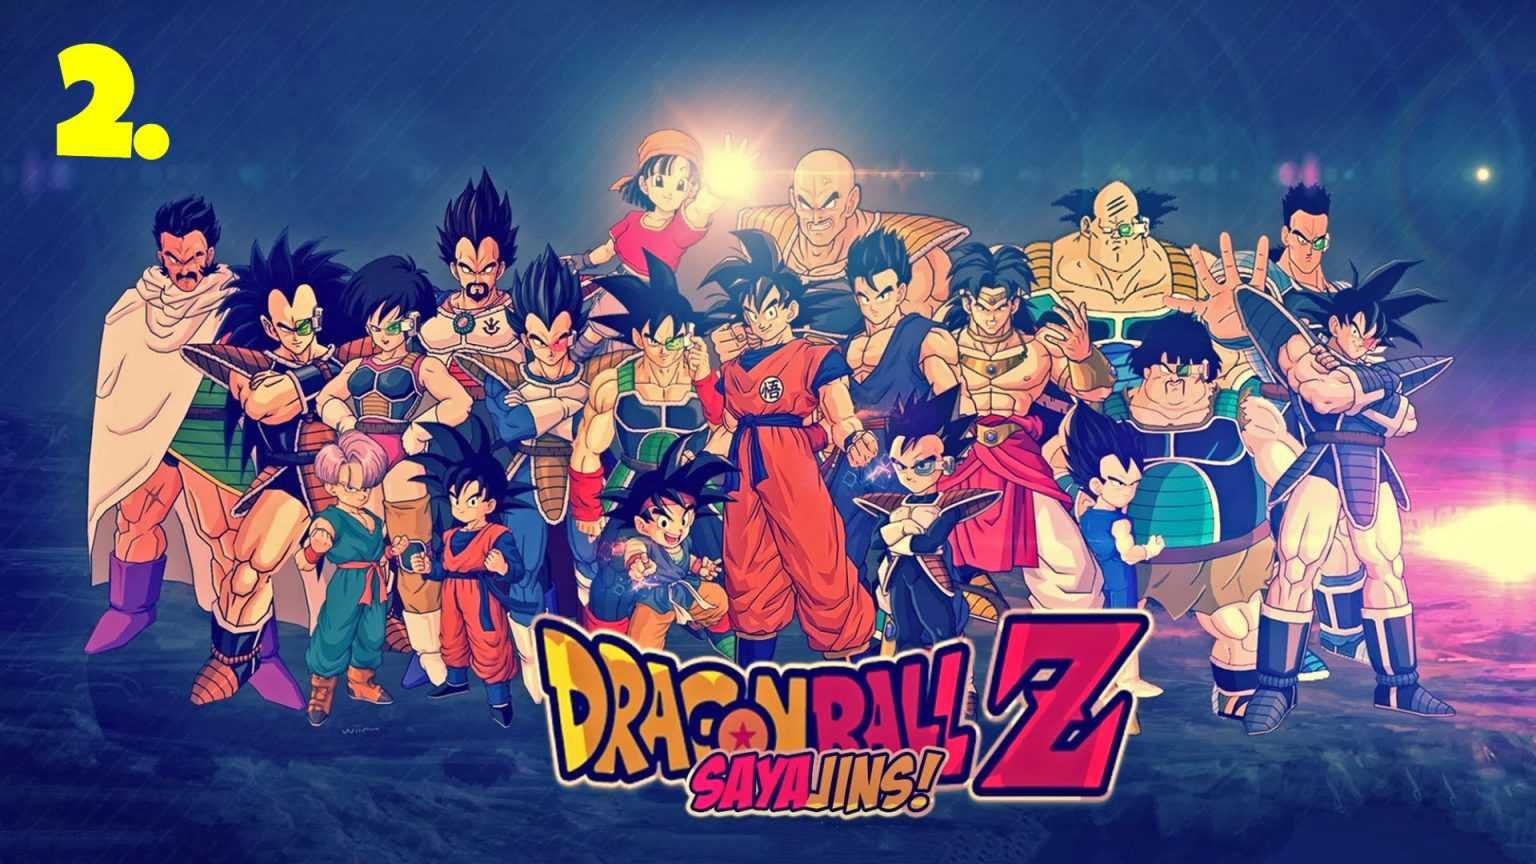 Dragon-ball-Z